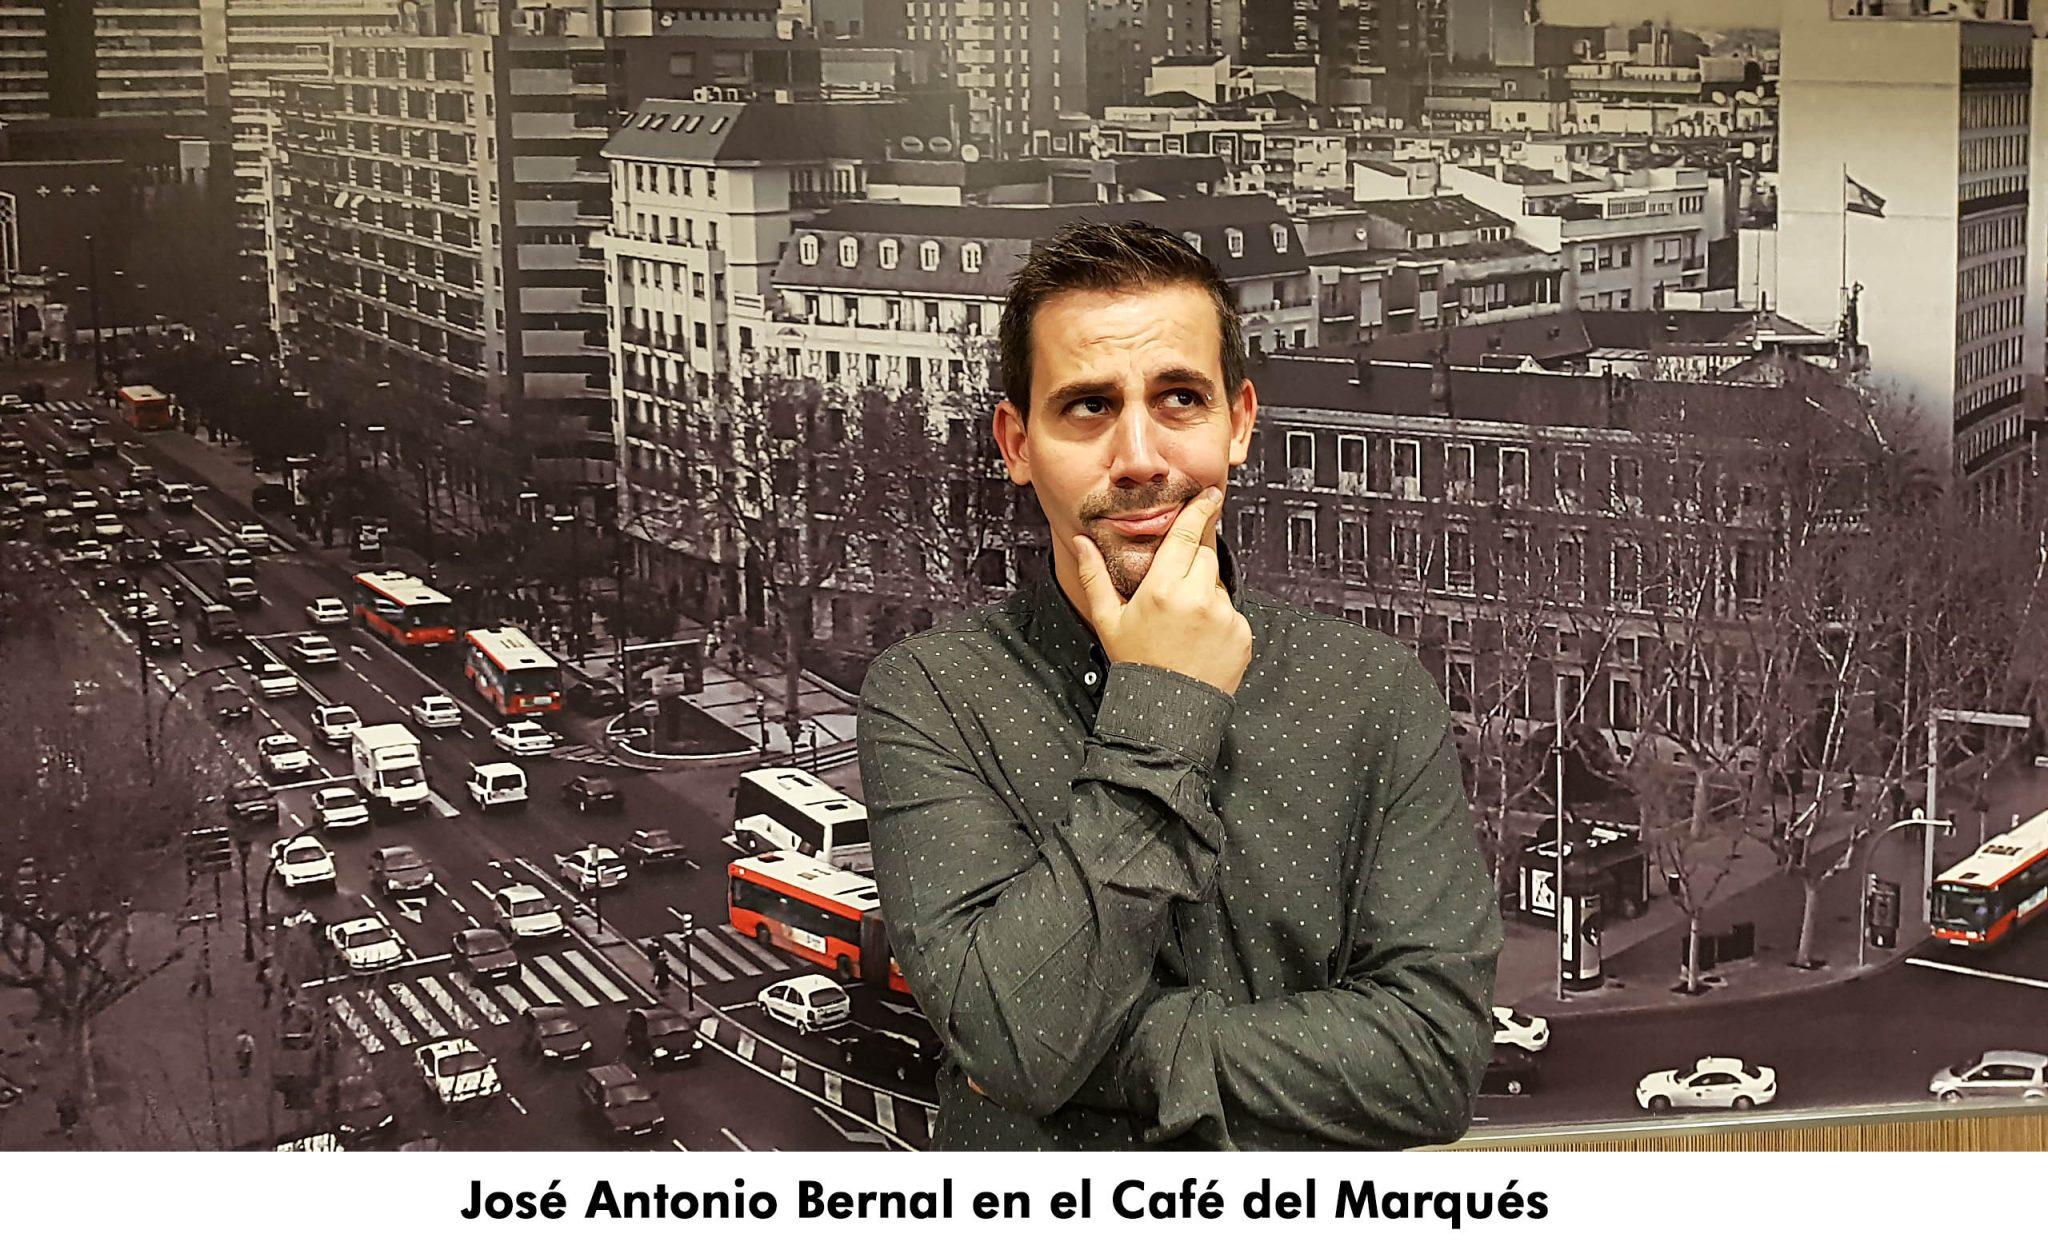 13. Bernal